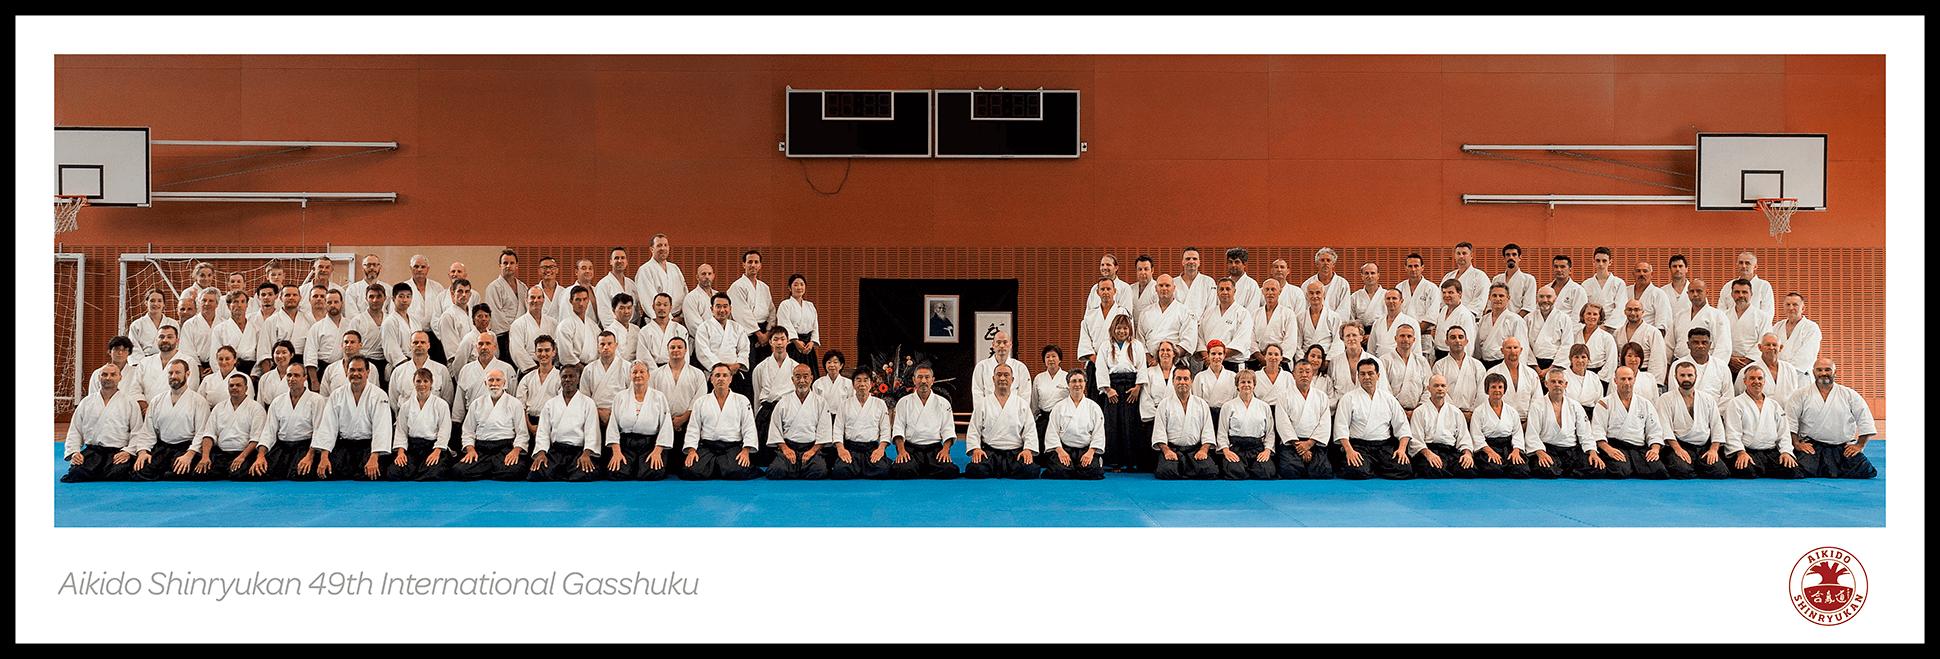 Aikido Shinryukan 49th International Gasshuku